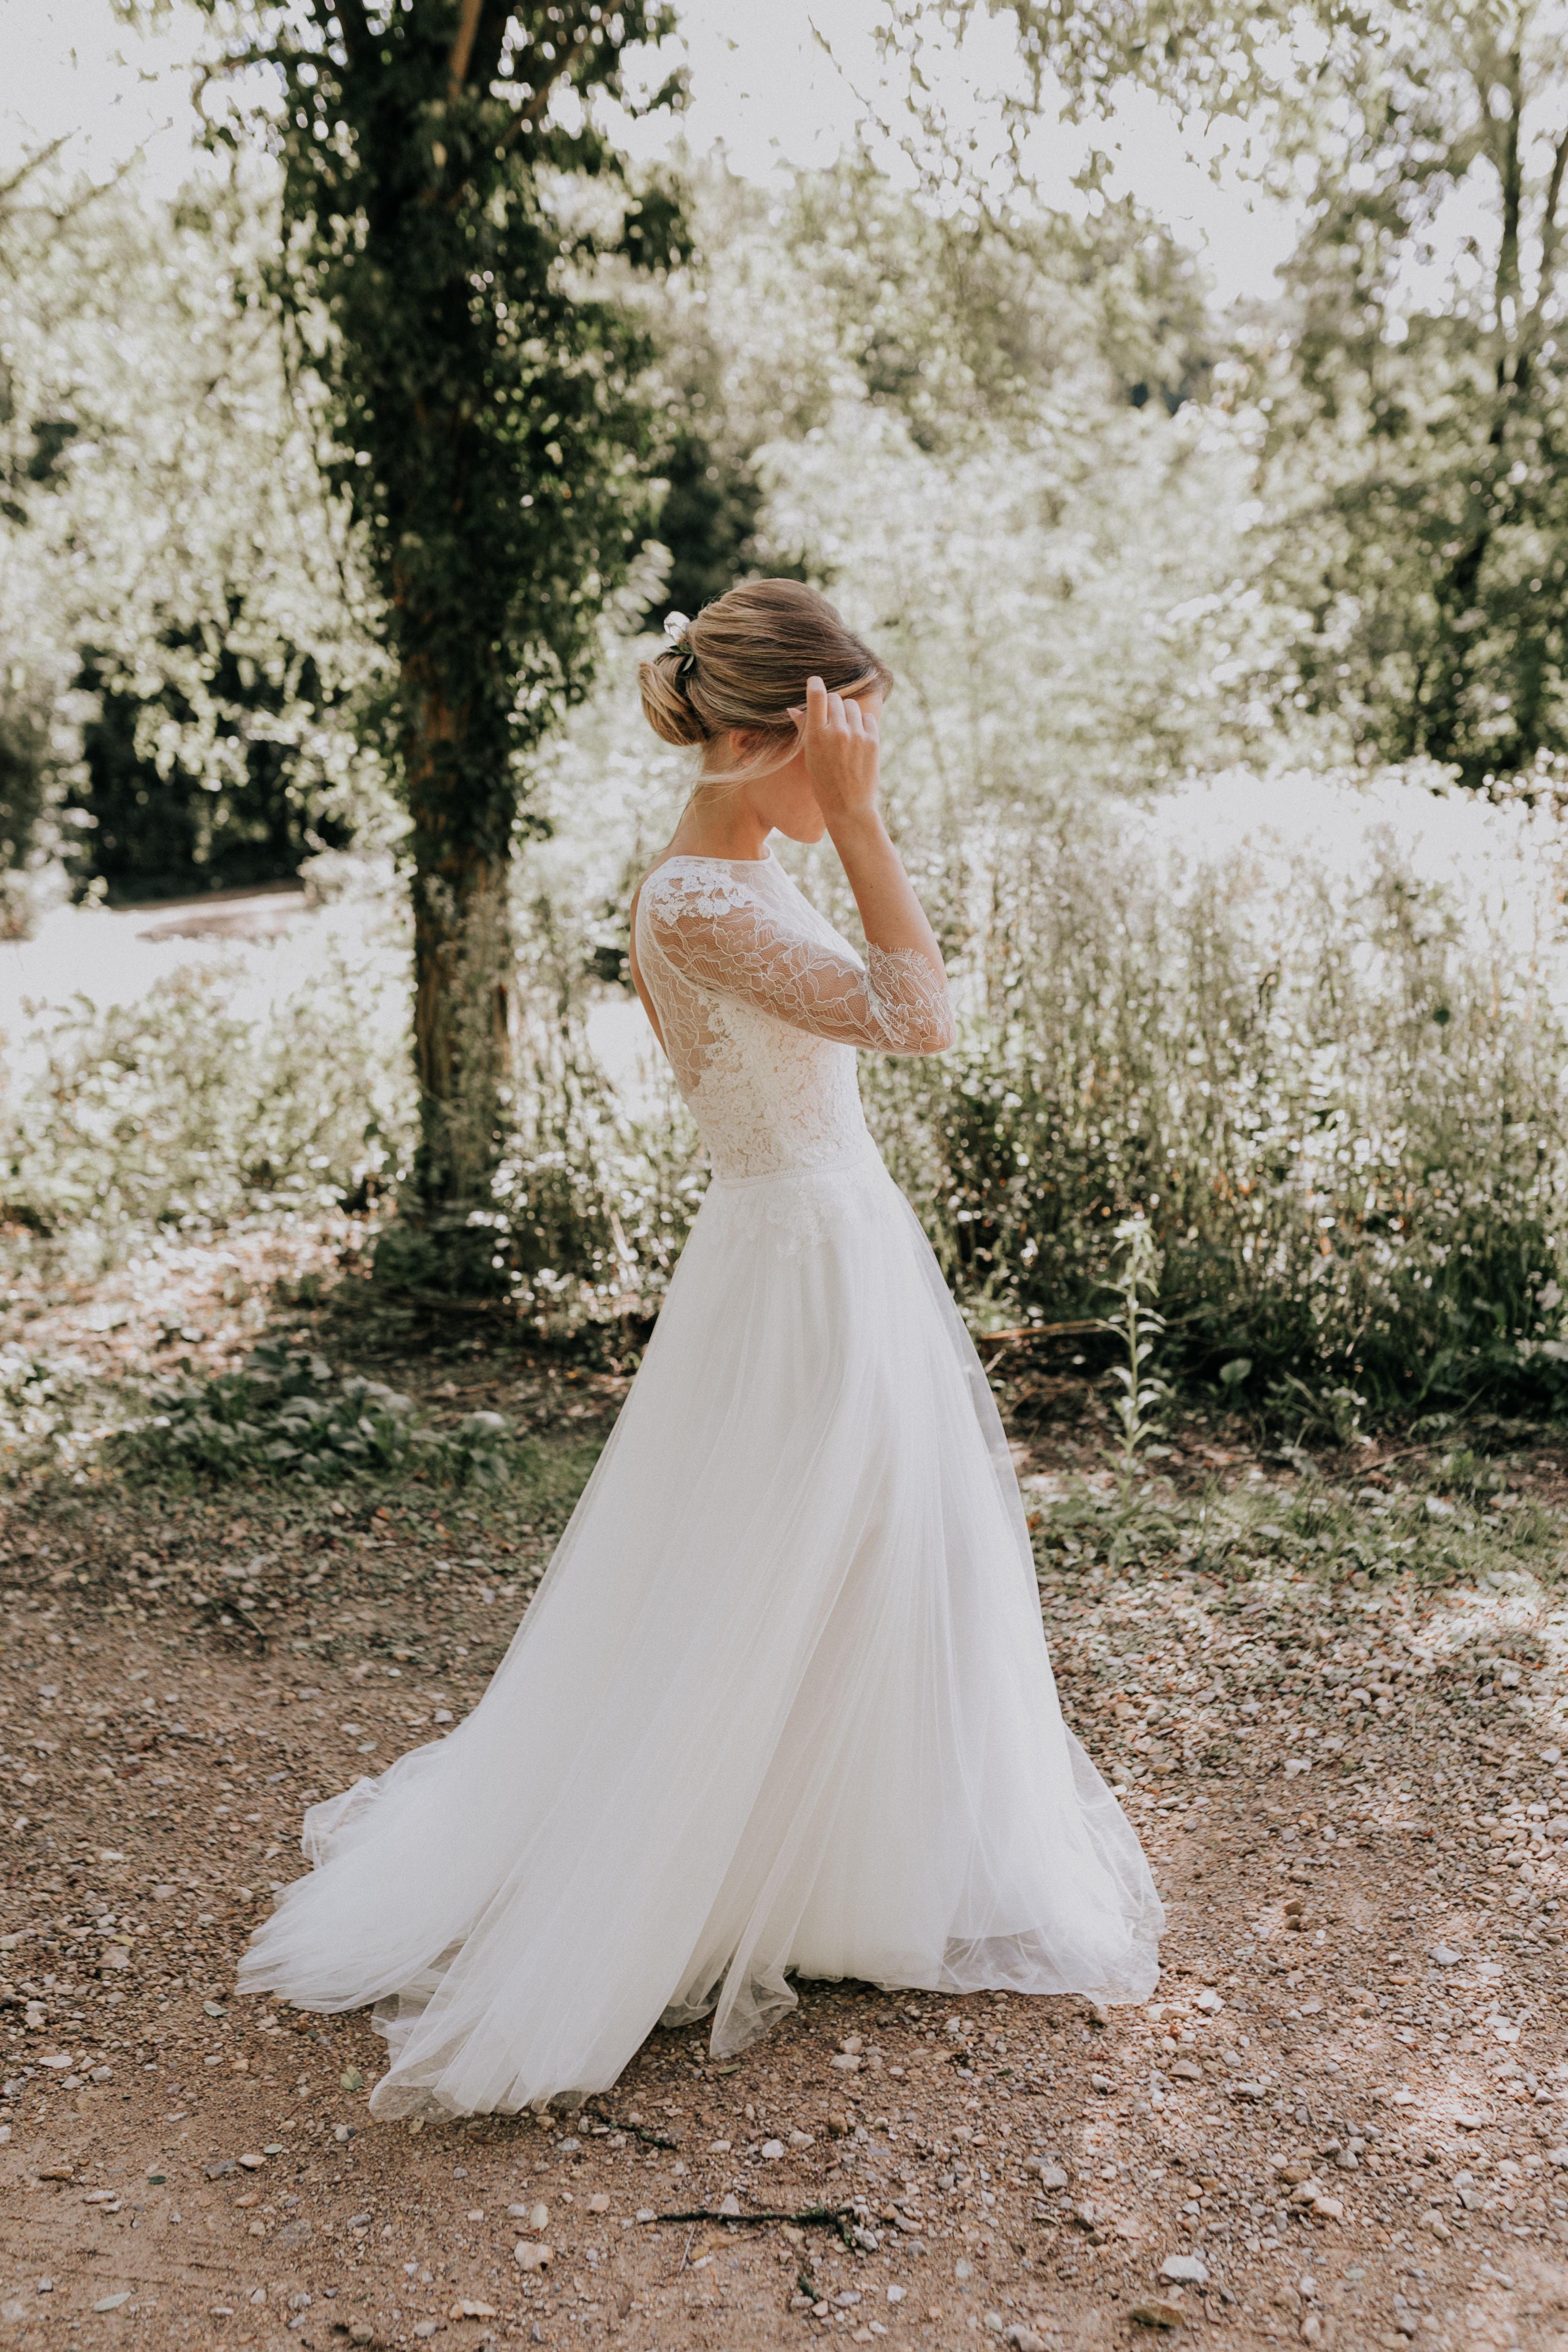 Brautkleid Anprobe Wedding Dress Fitting Wedding Gown Braut Hochzeit ...